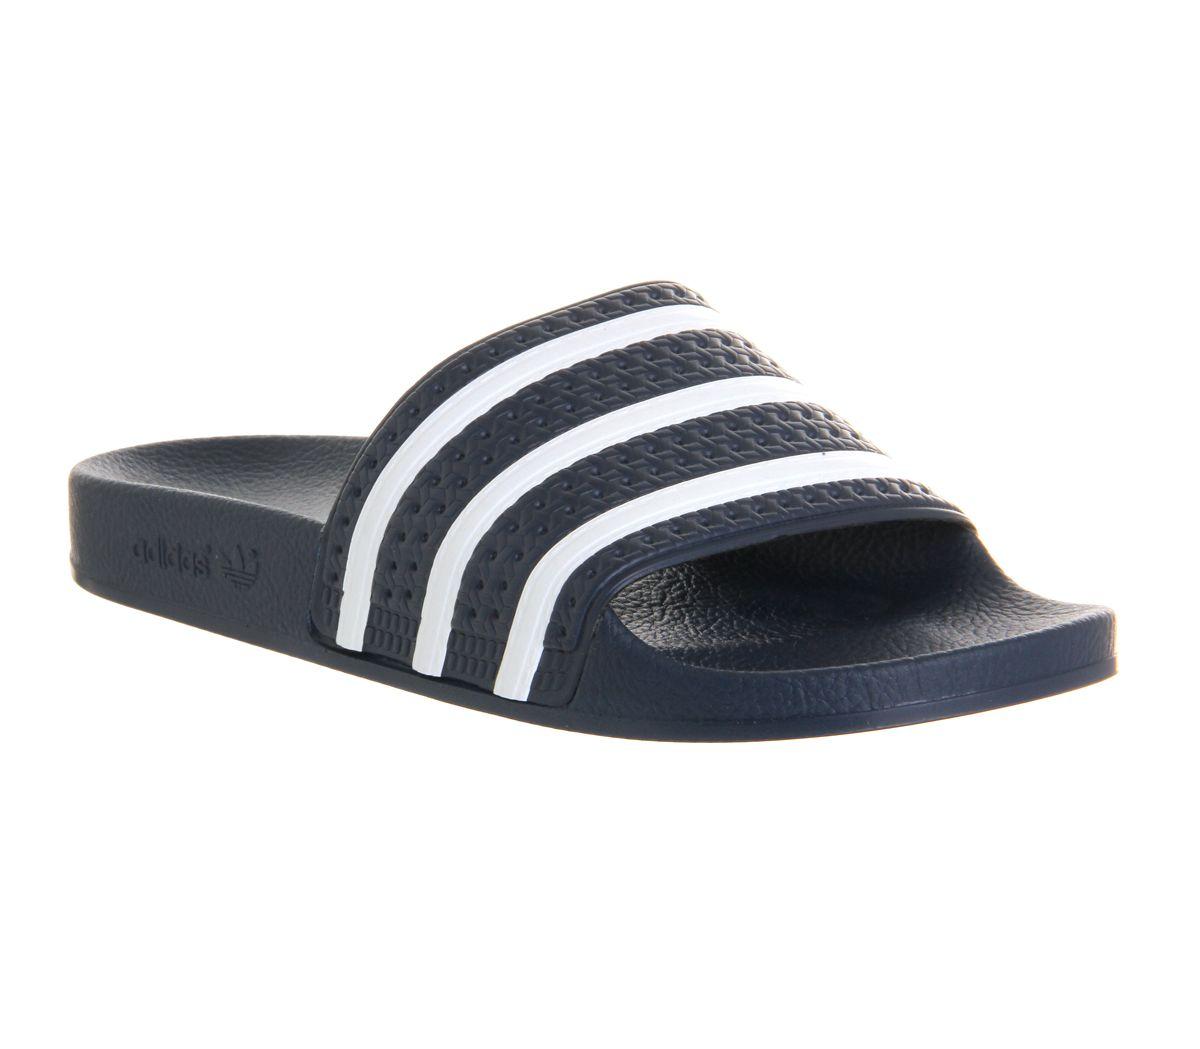 se procurer rachat ou vente sandale adilette blanc adidas